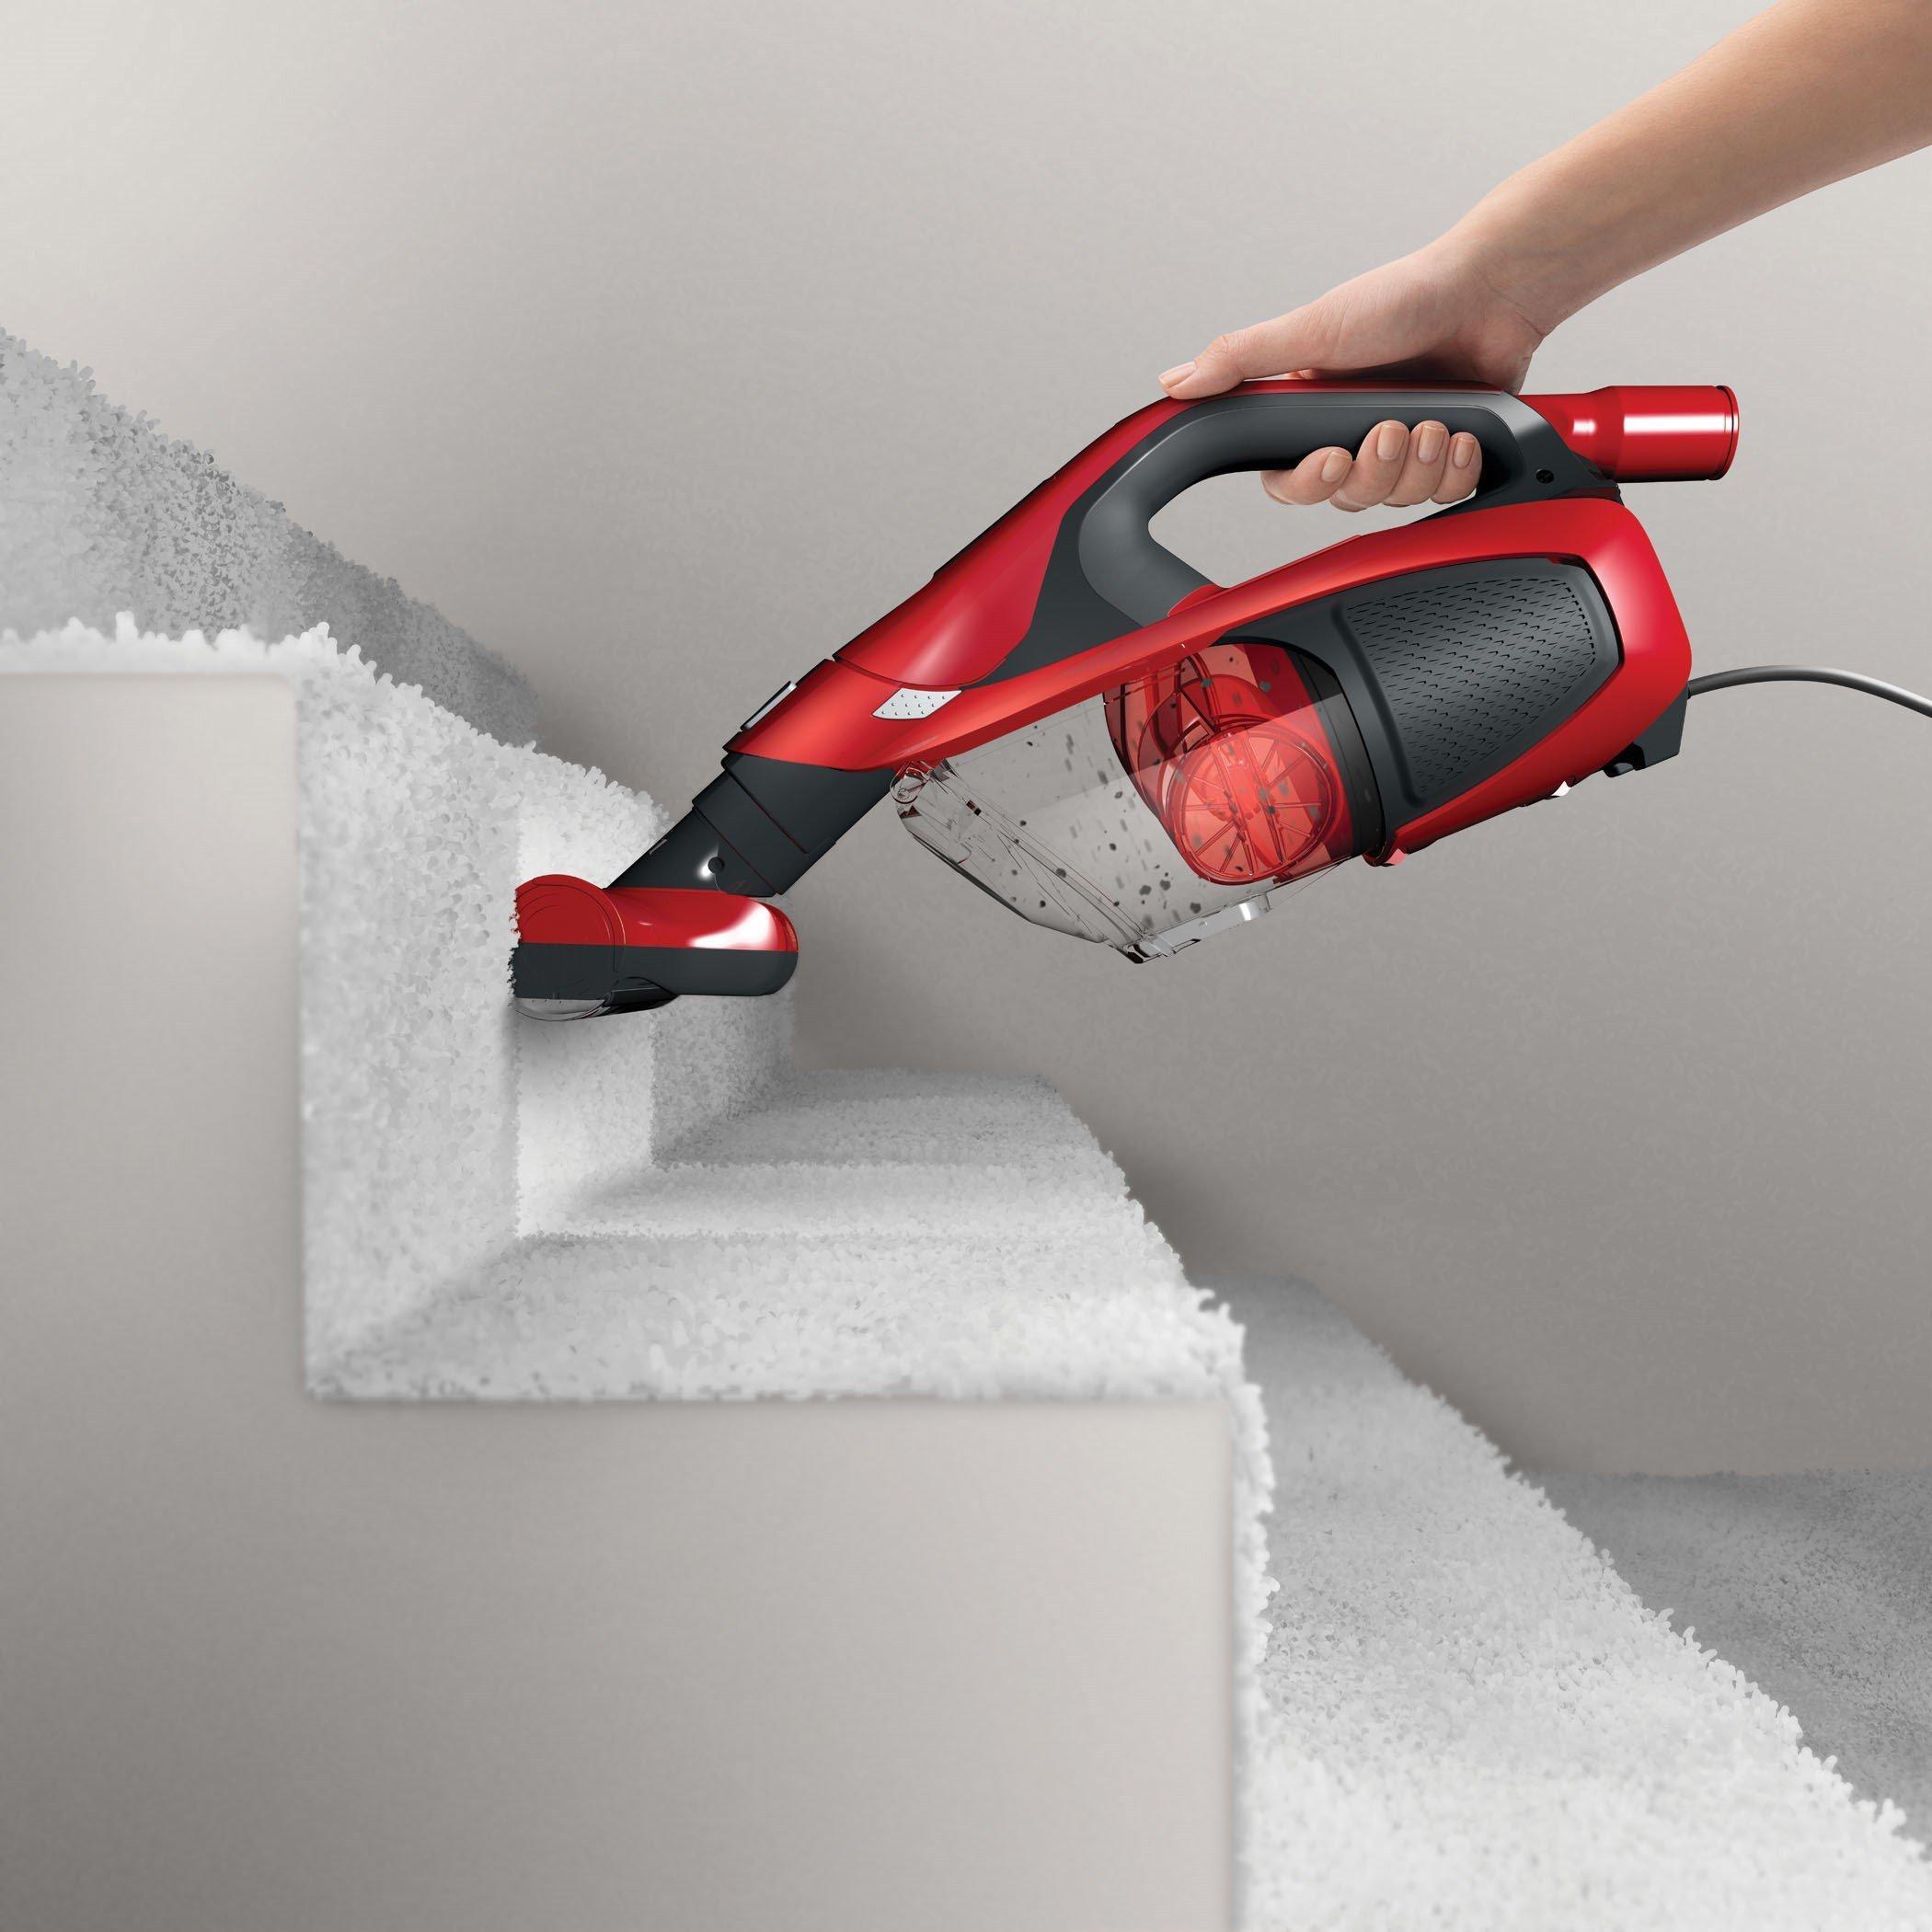 360° Reach™ Power Premium Stick Vacuum6